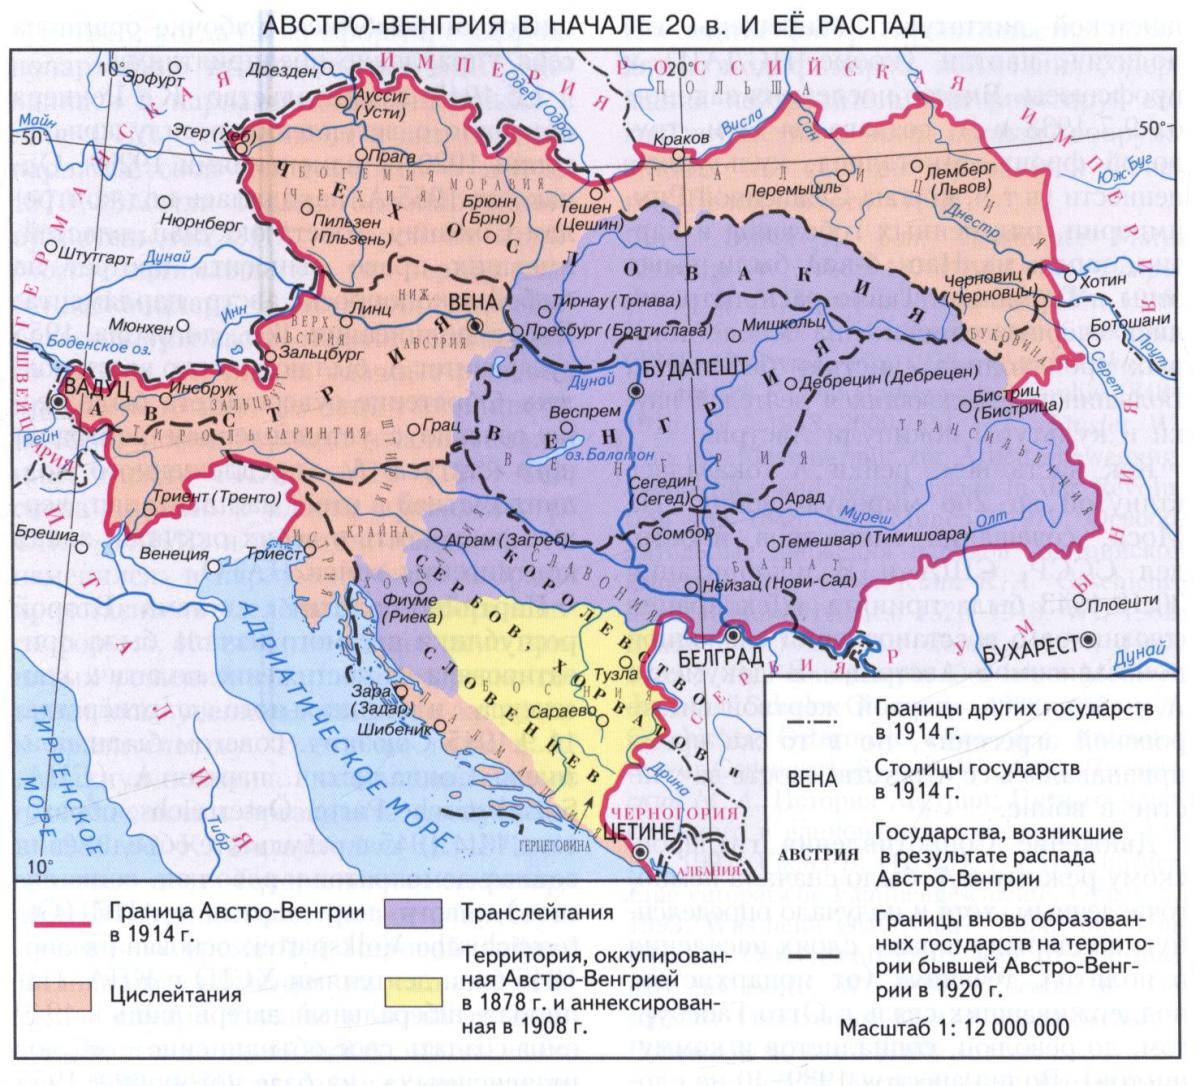 Распад Австро-Венгрии